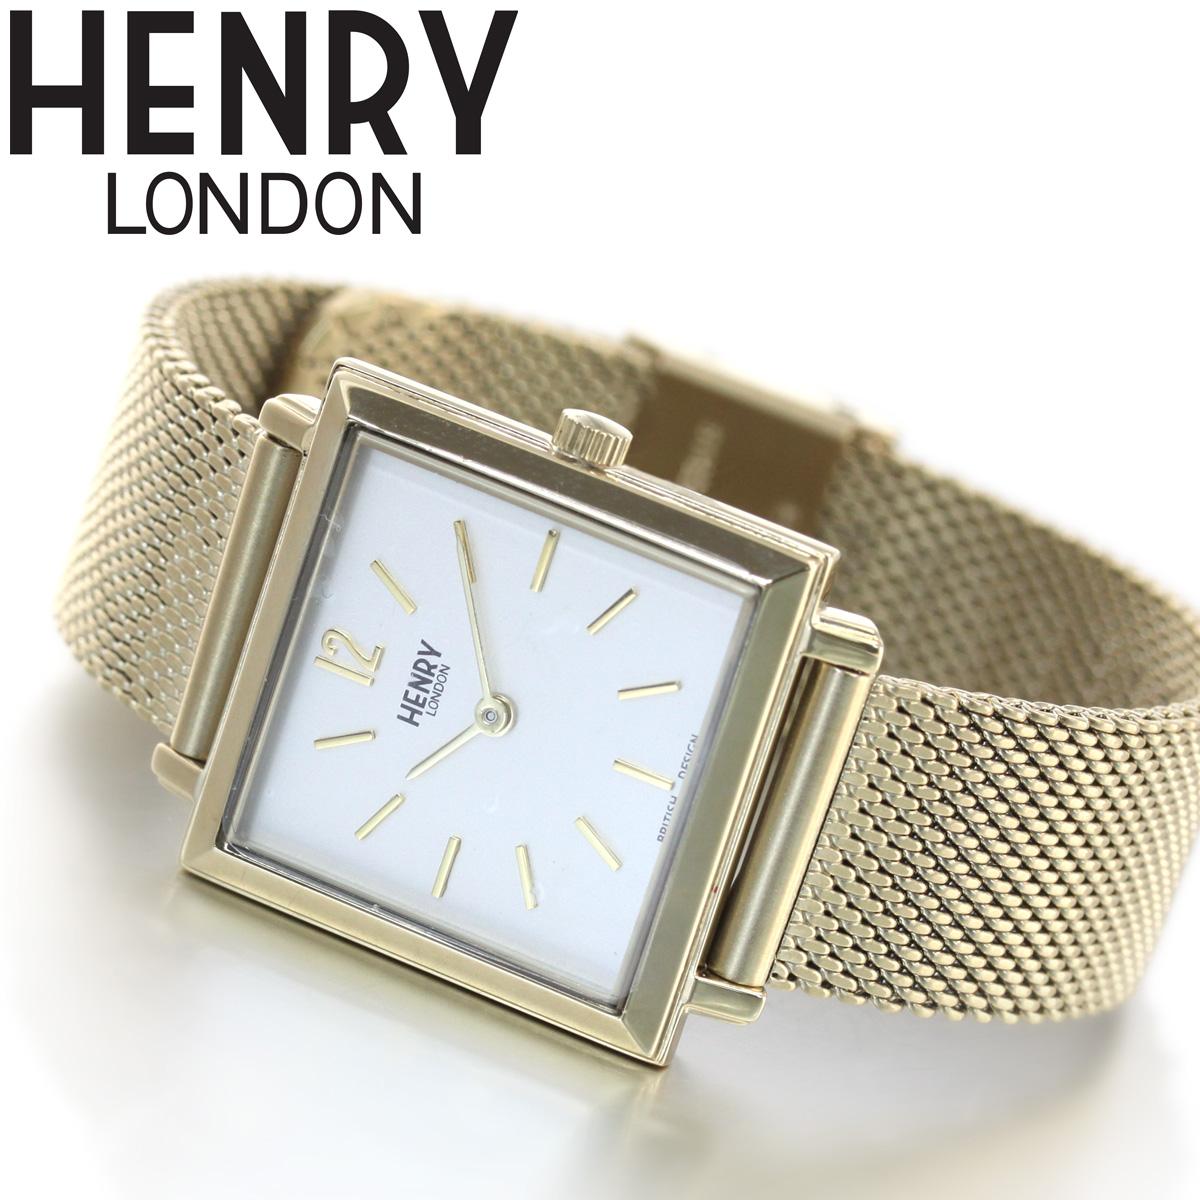 【5日0時~♪最大2000円OFFクーポン&店内ポイント最大51倍!5日23時59分まで】ヘンリーロンドン HENRY LONDON 腕時計 レディース ヘリテージ スクエア HERITAGE SQUARE HL26-QM-0266